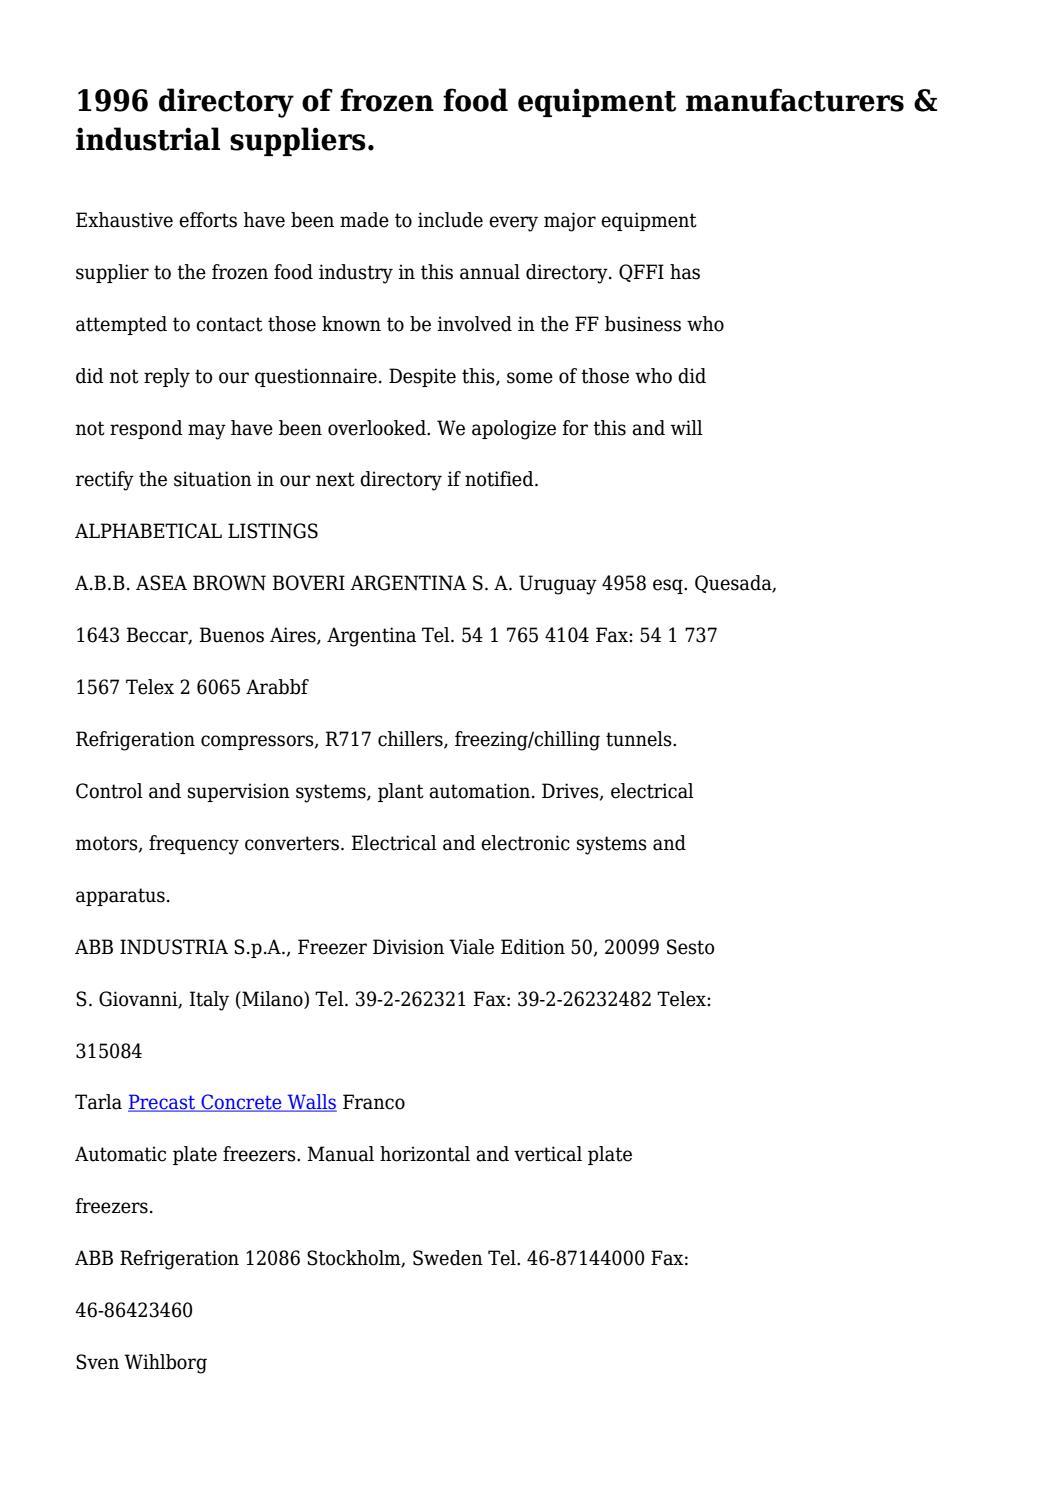 1996 directory of frozen food equipment manufacturers & industrial ...